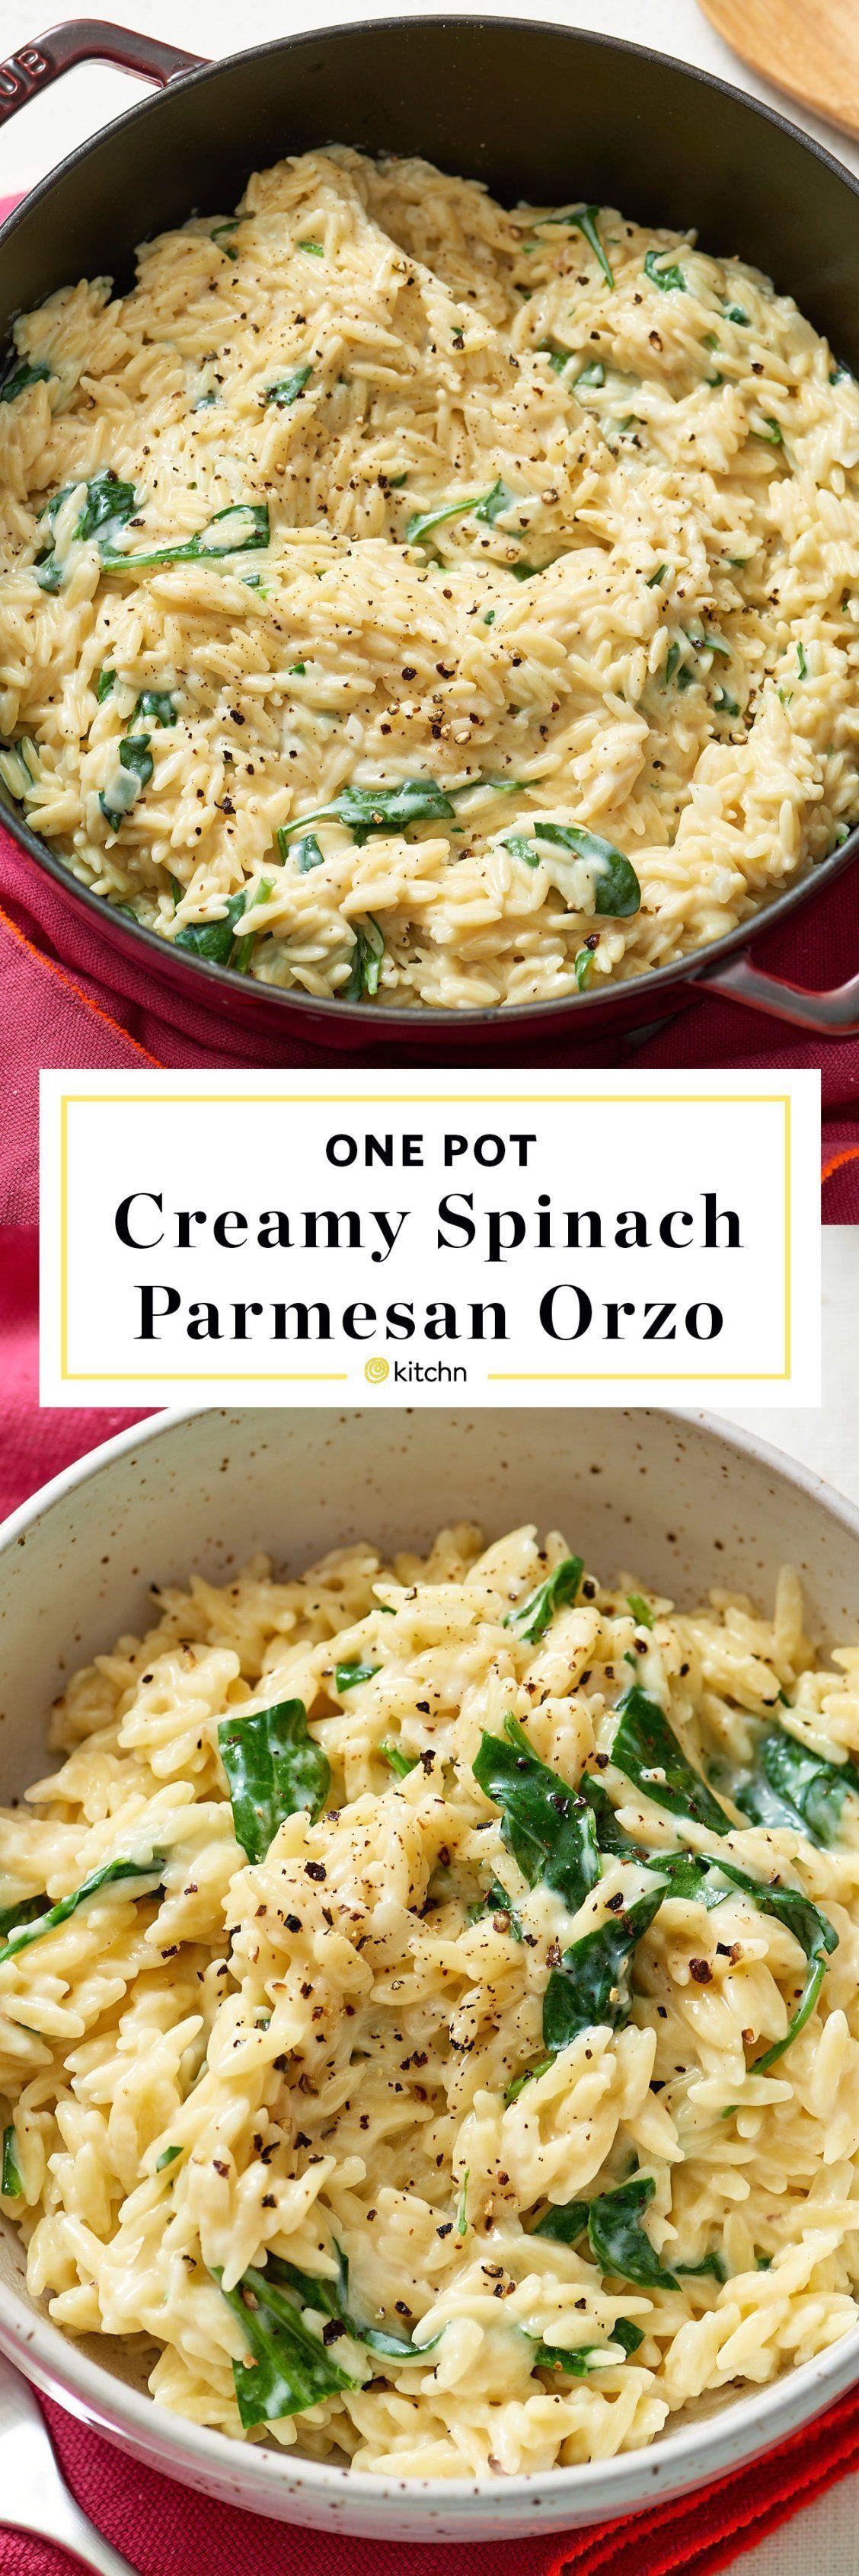 Recipe: Creamy Spinach Parmesan Orzo